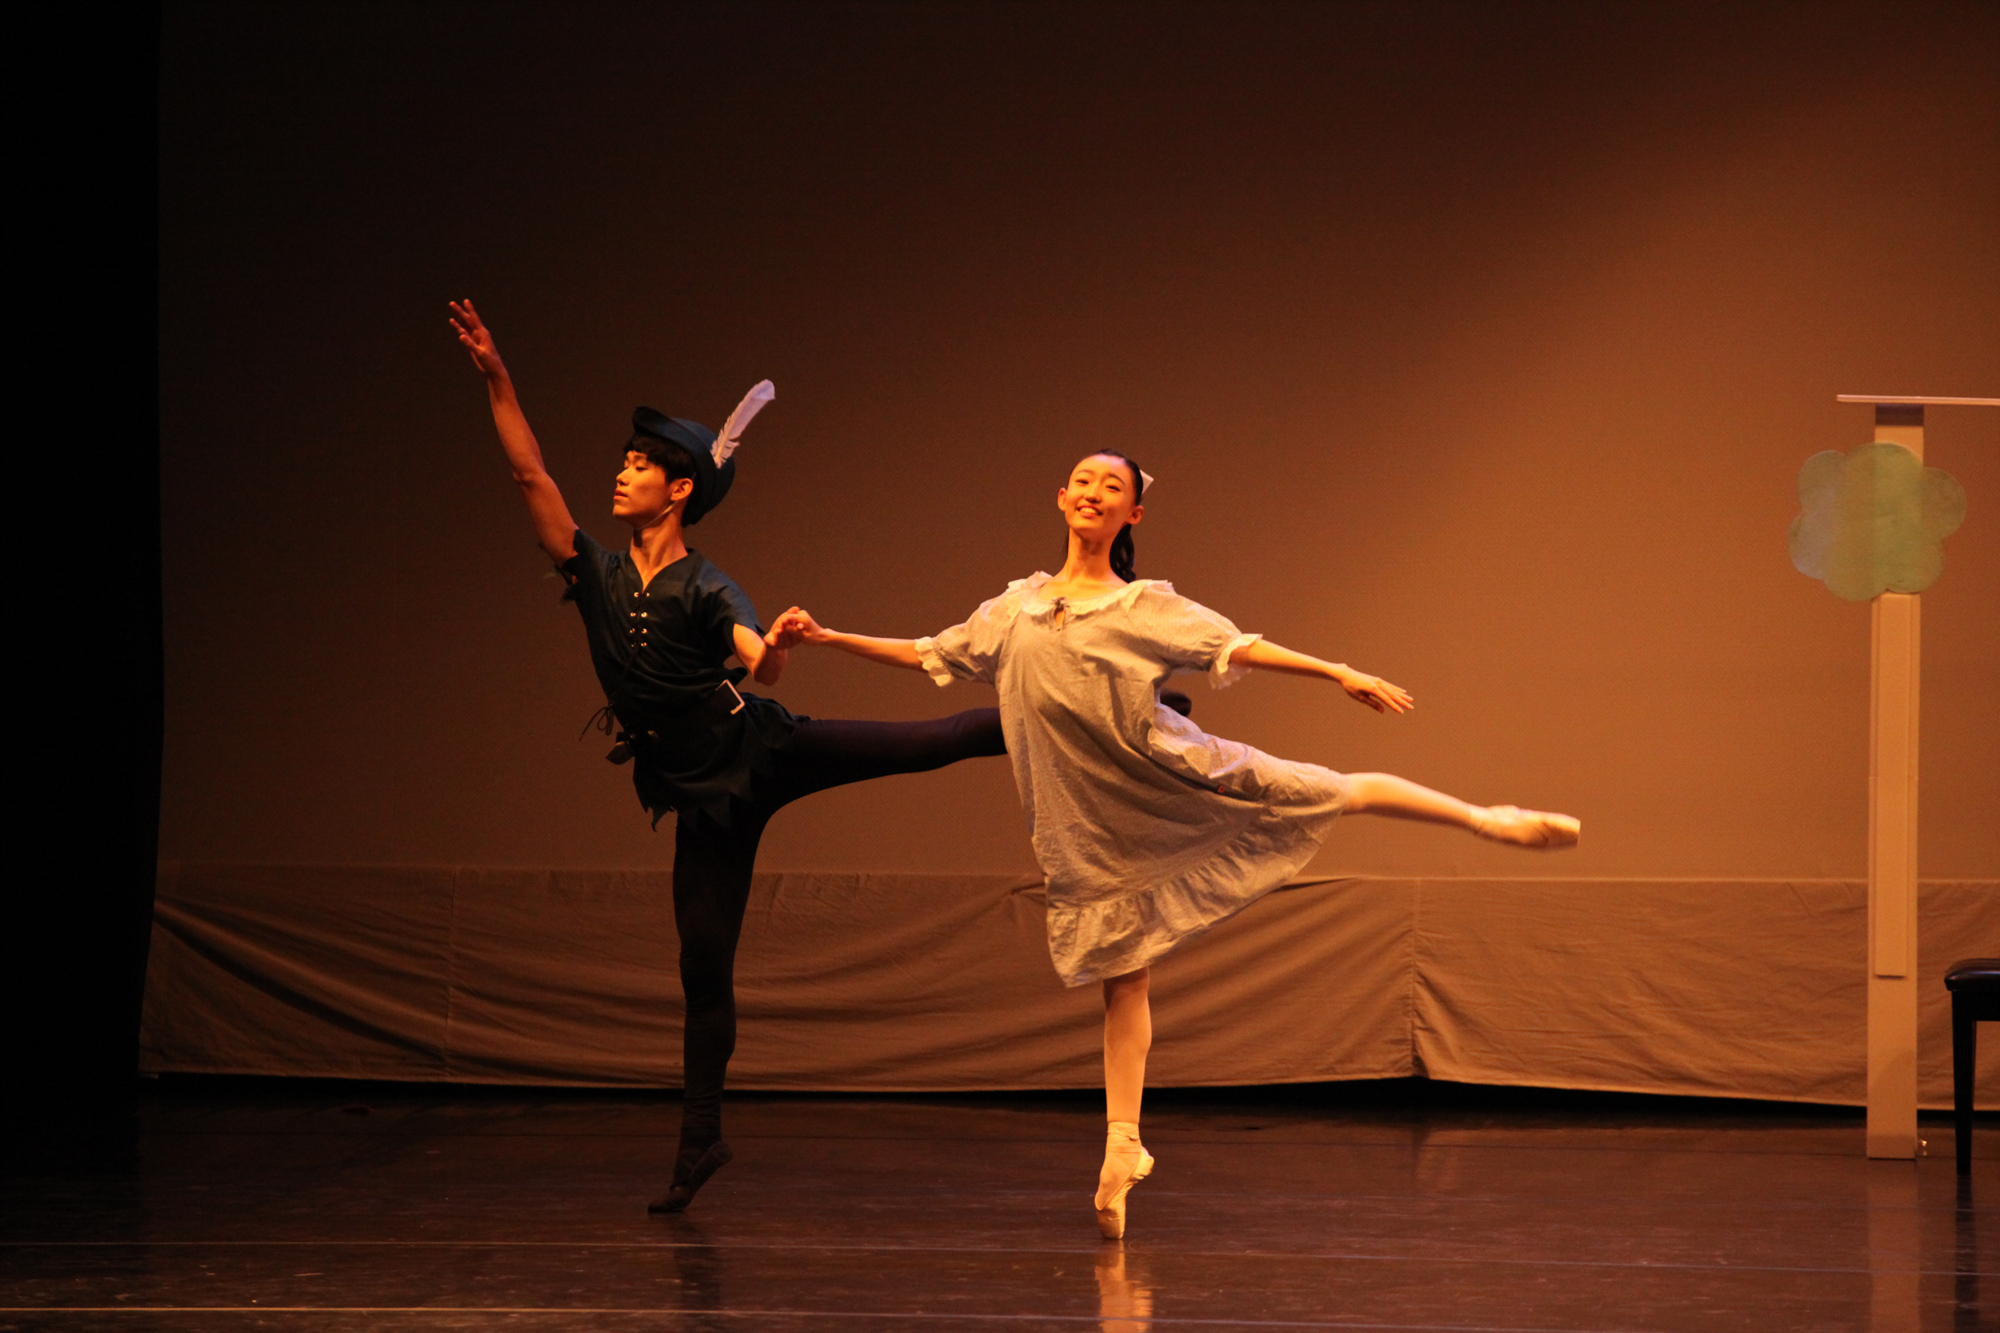 2014년 제6회 창작발표회 (Ballet) 첨부이미지